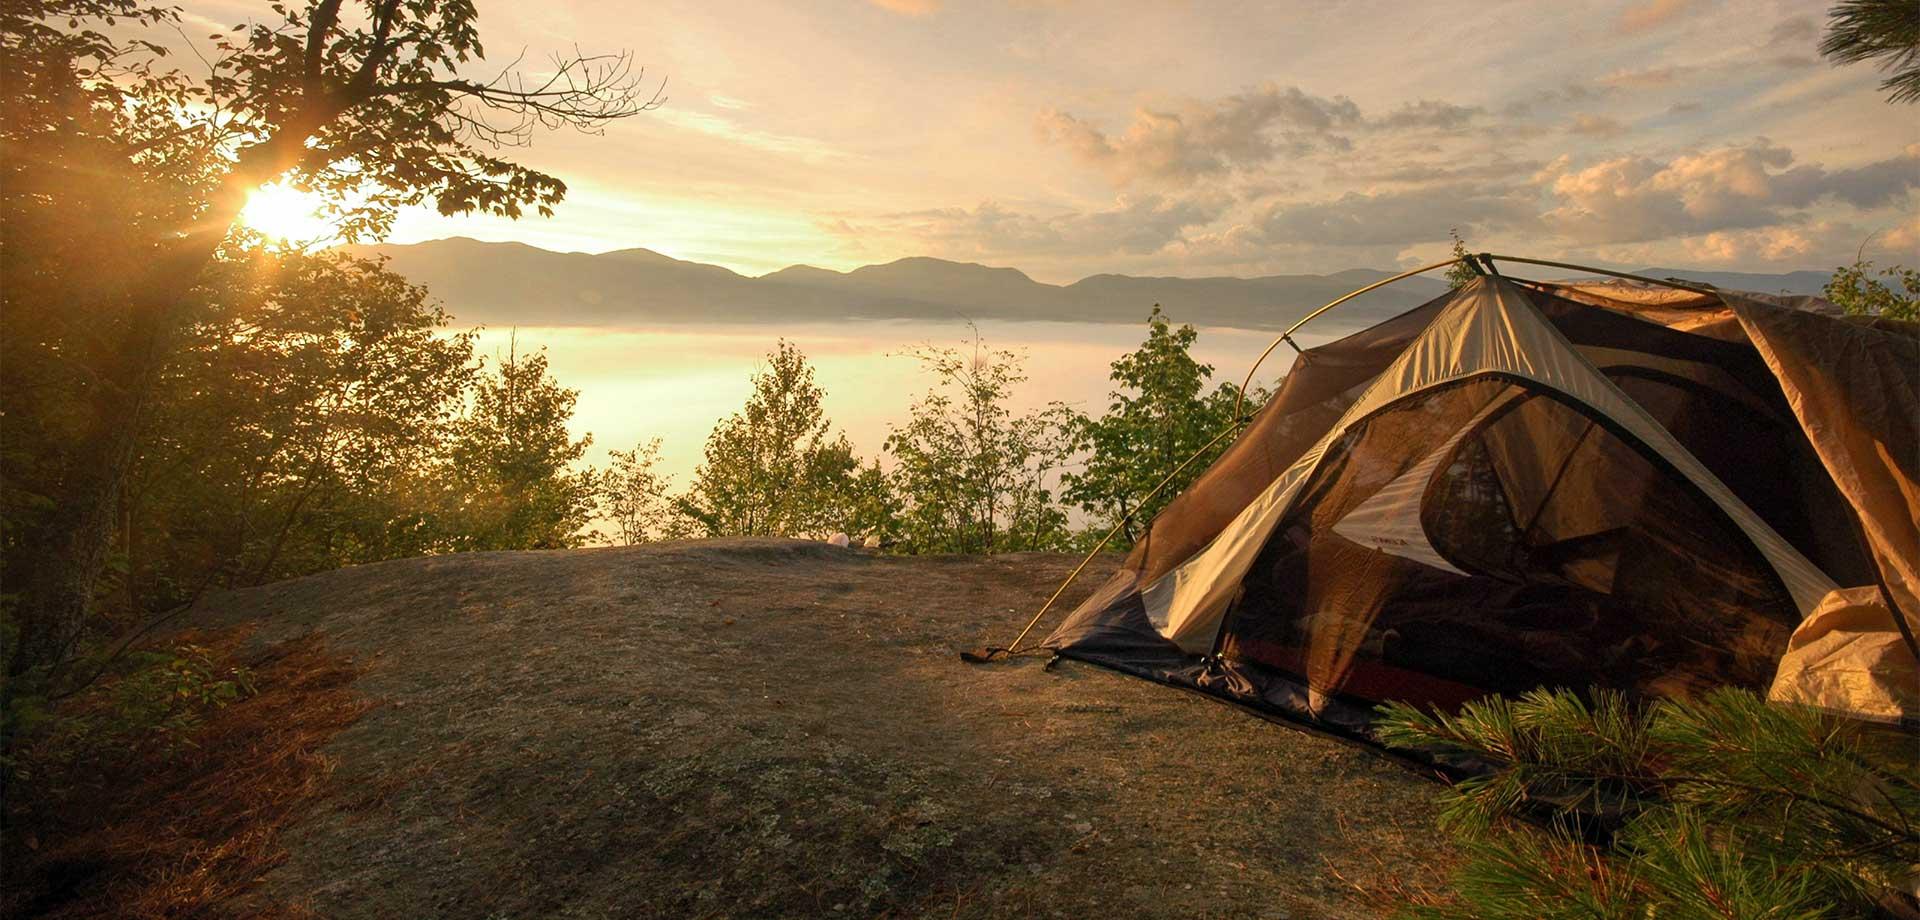 Sonbahar kamplarının olmazsa olmazları 31